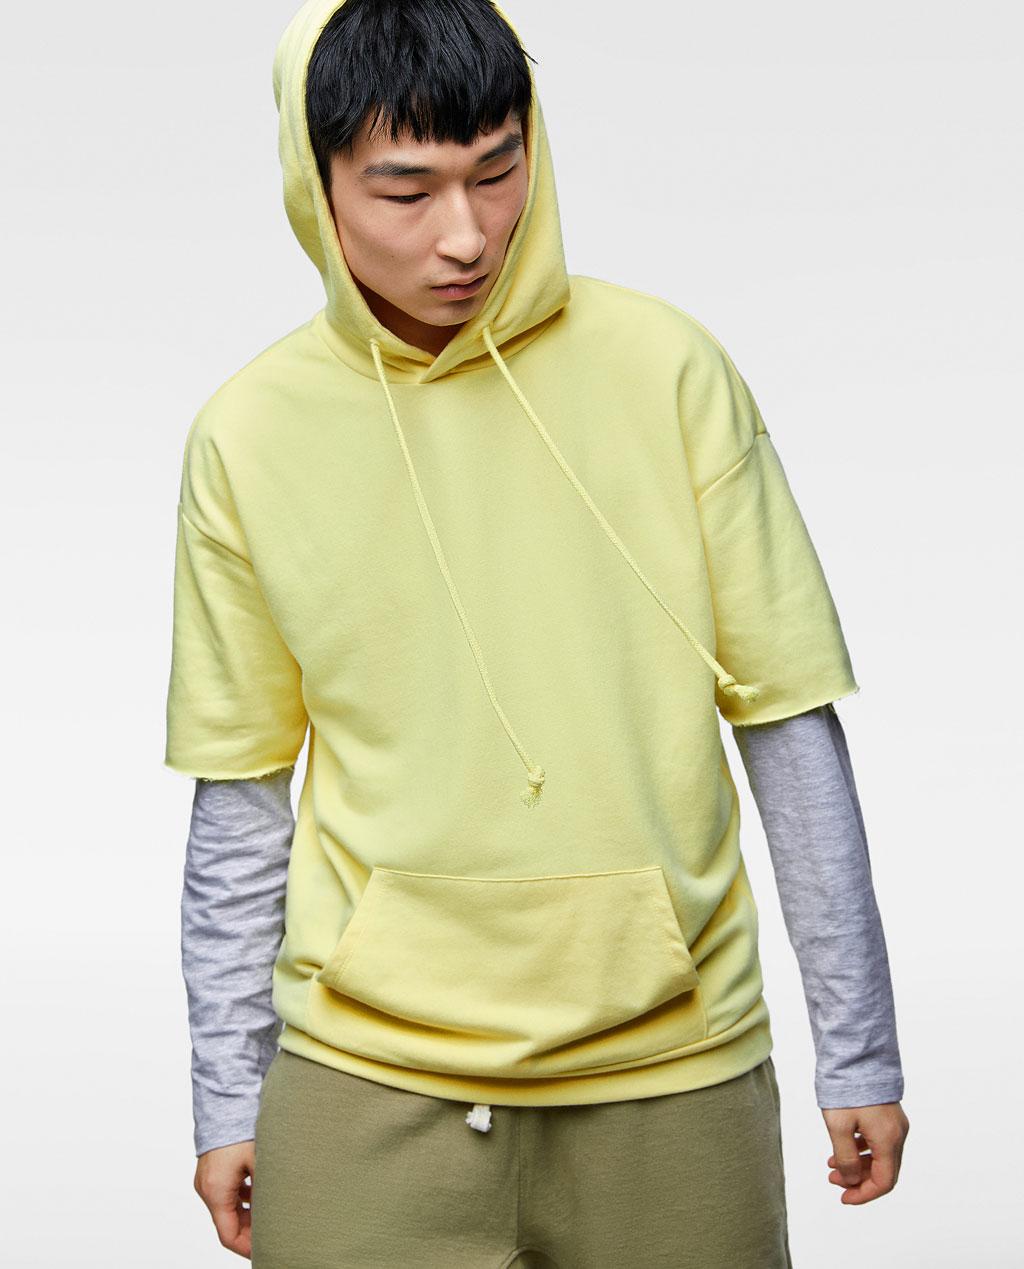 Thời trang nam Zara  24085 - ảnh 6